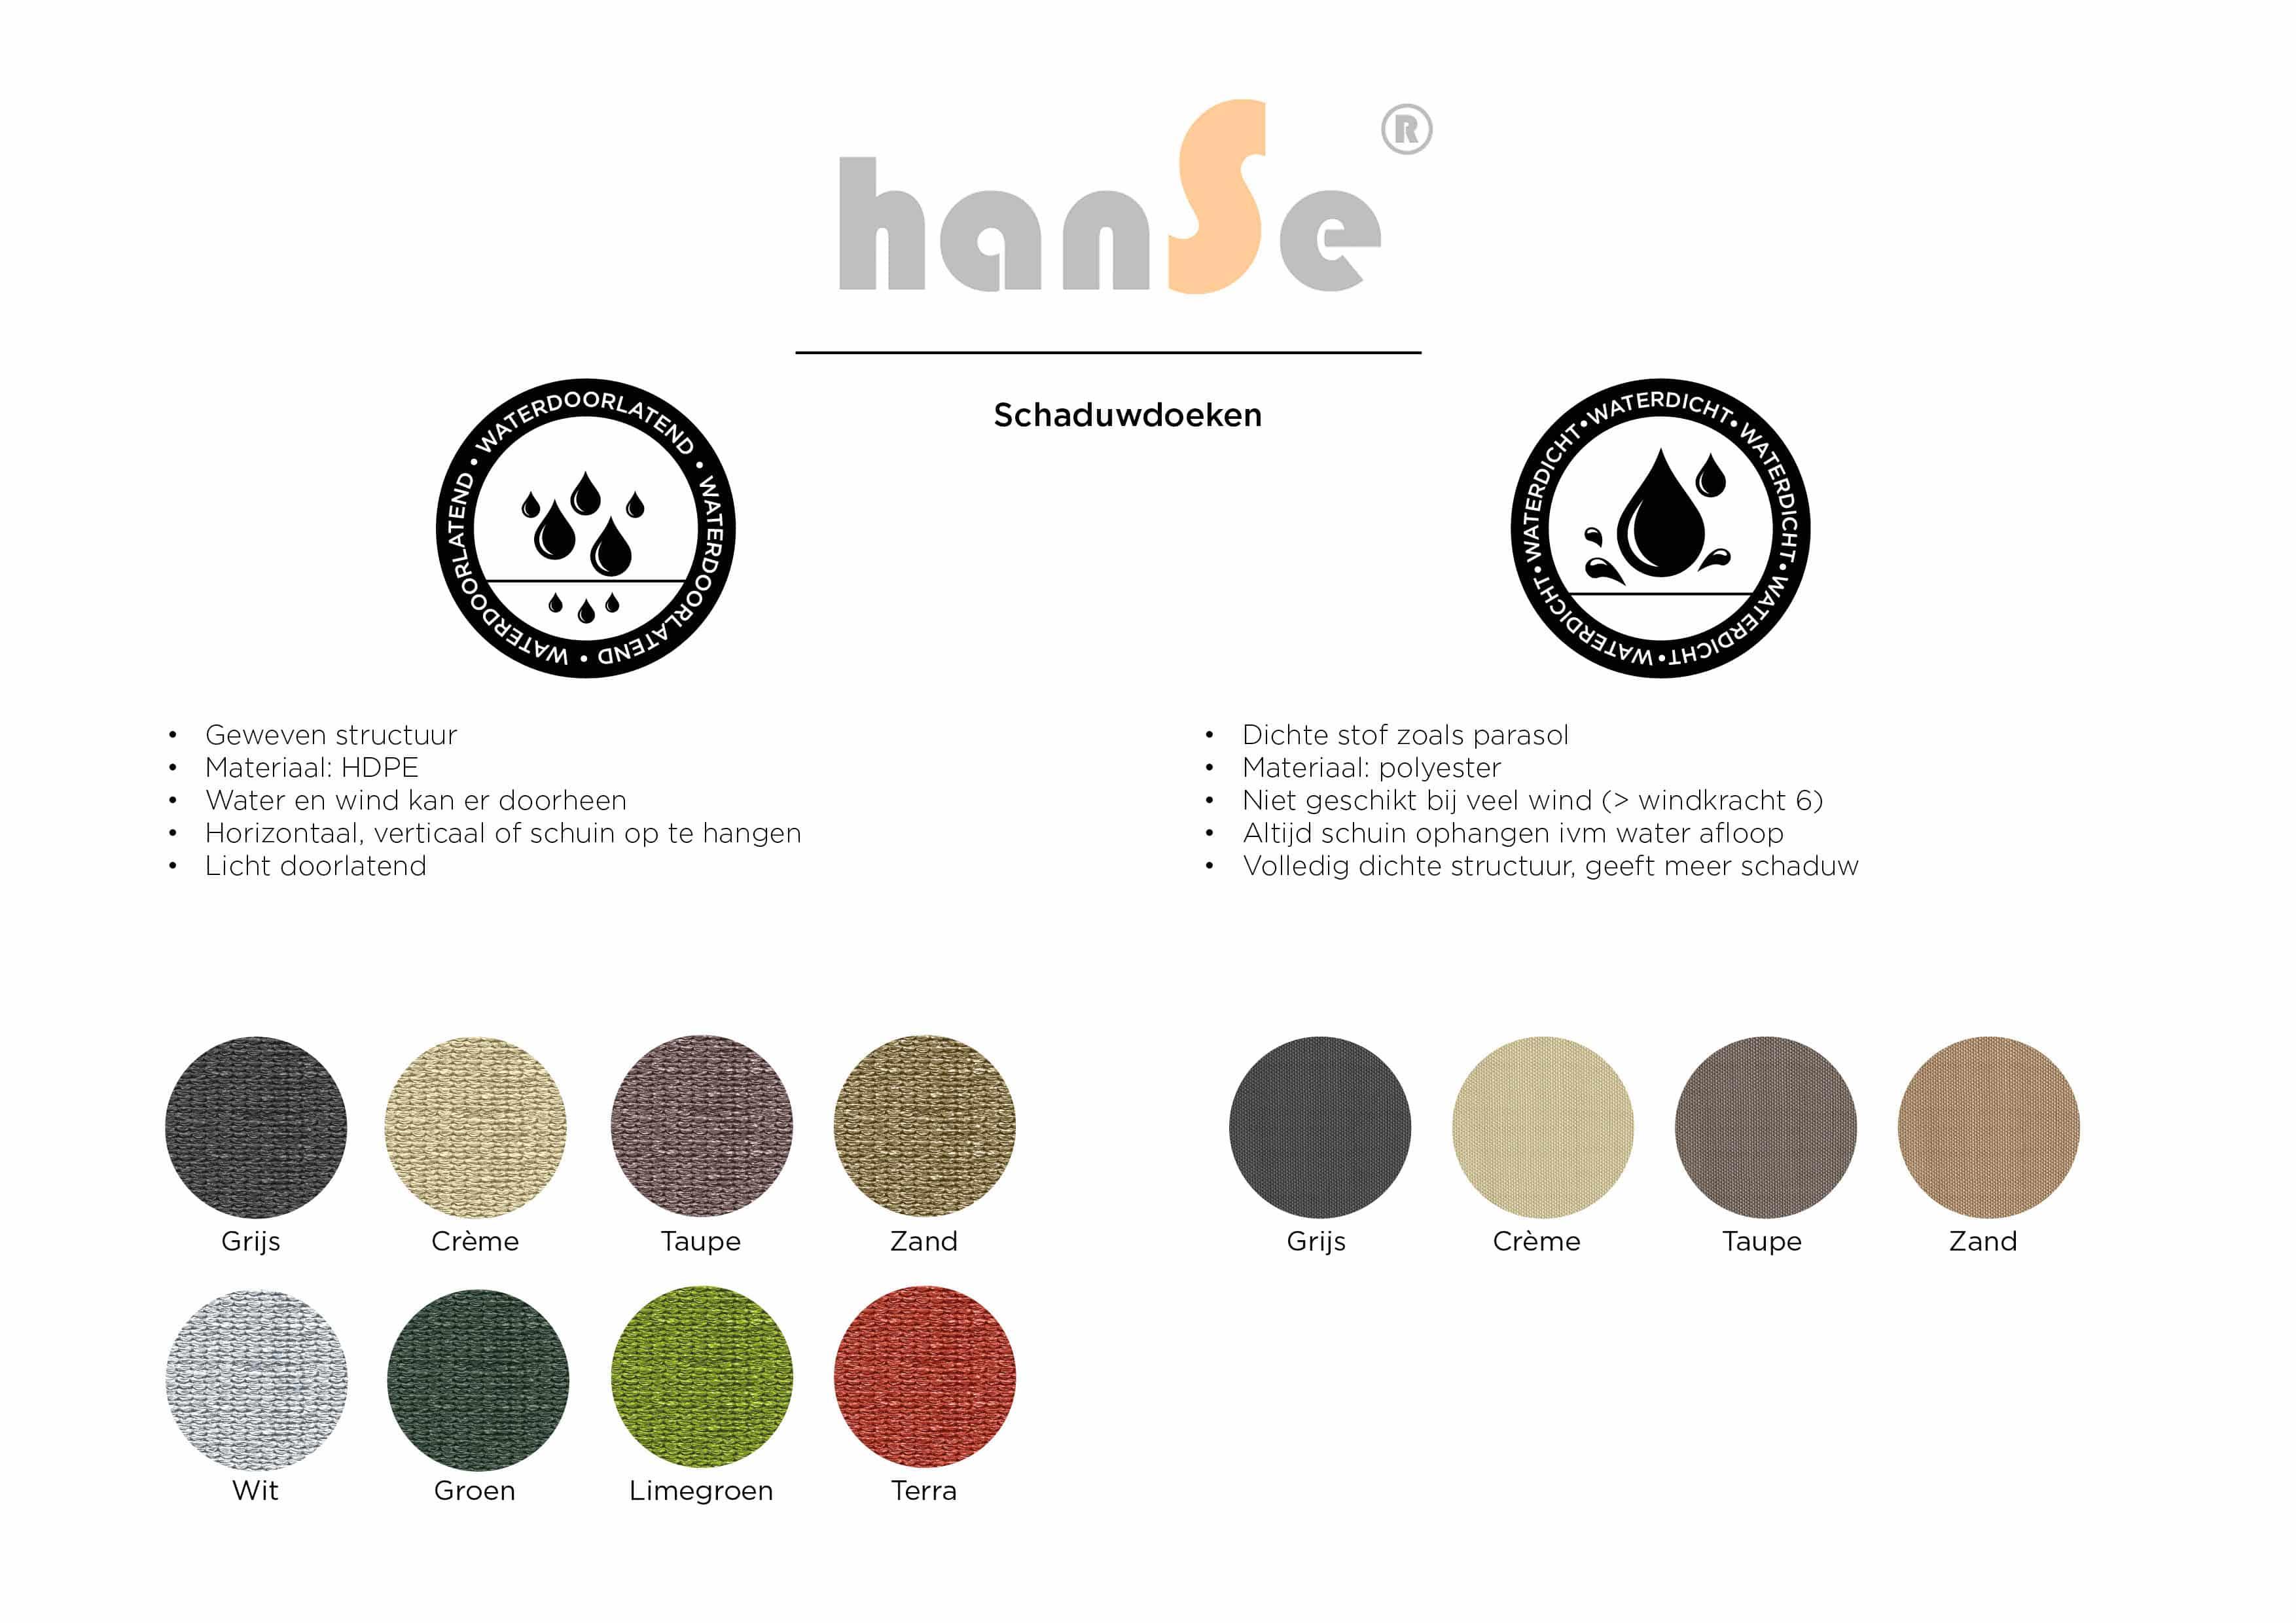 hanSe® Schaduwdoek Vierkant Waterdoorlatend 2x2 m - zonnedoek - Terra